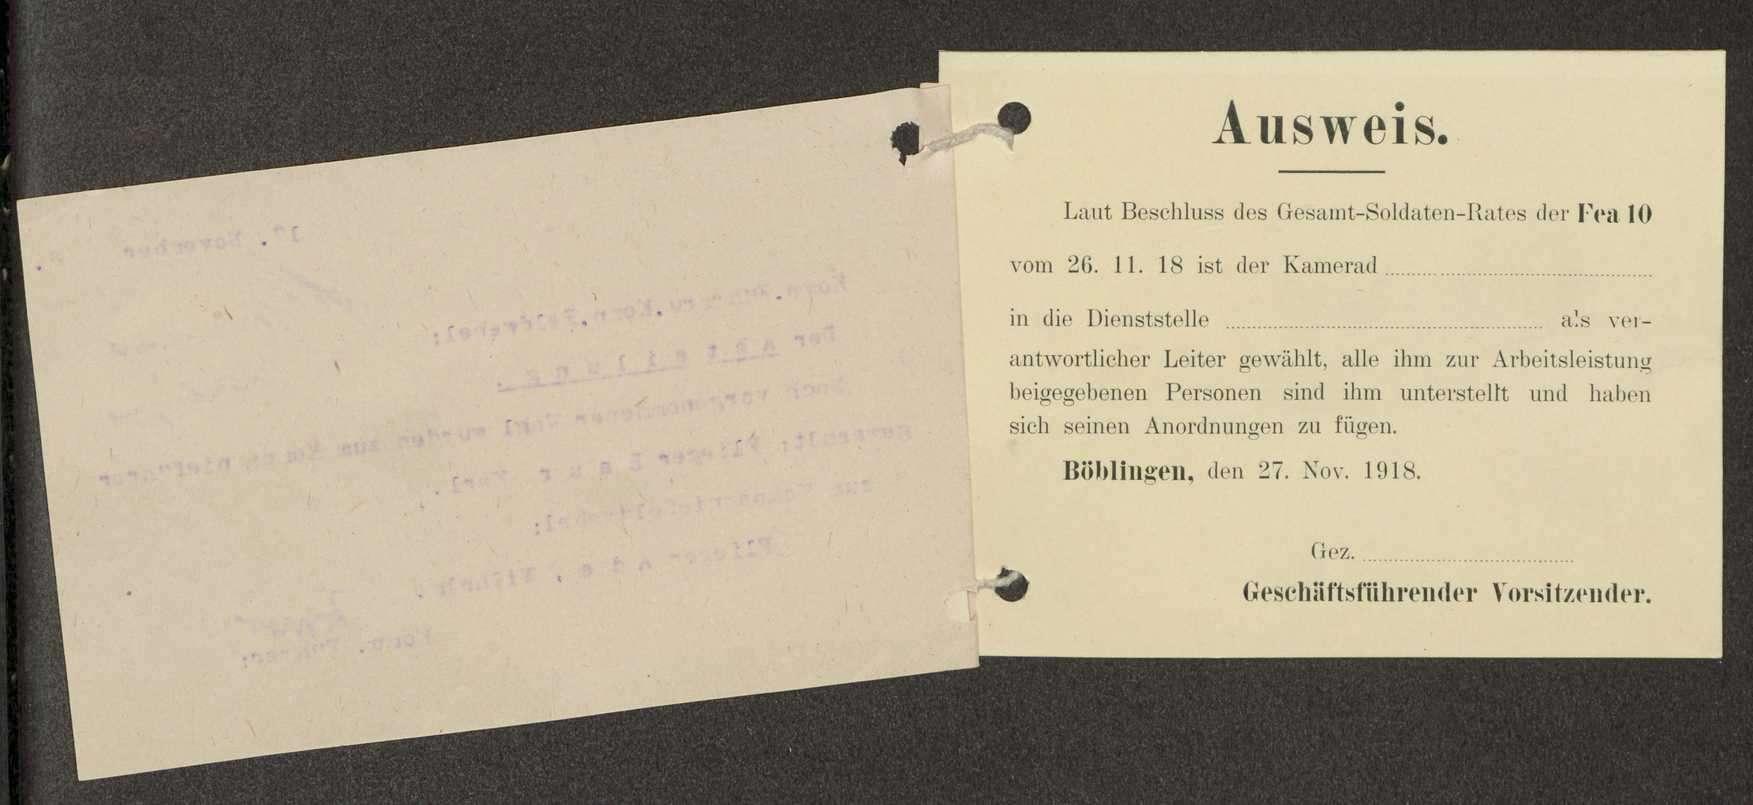 Wahl des Kompanieführers und des Kompaniefeldwebels der Flieger-Ersatz-Abteilung 10, Ausweise von Mitarbeitern, Bild 3